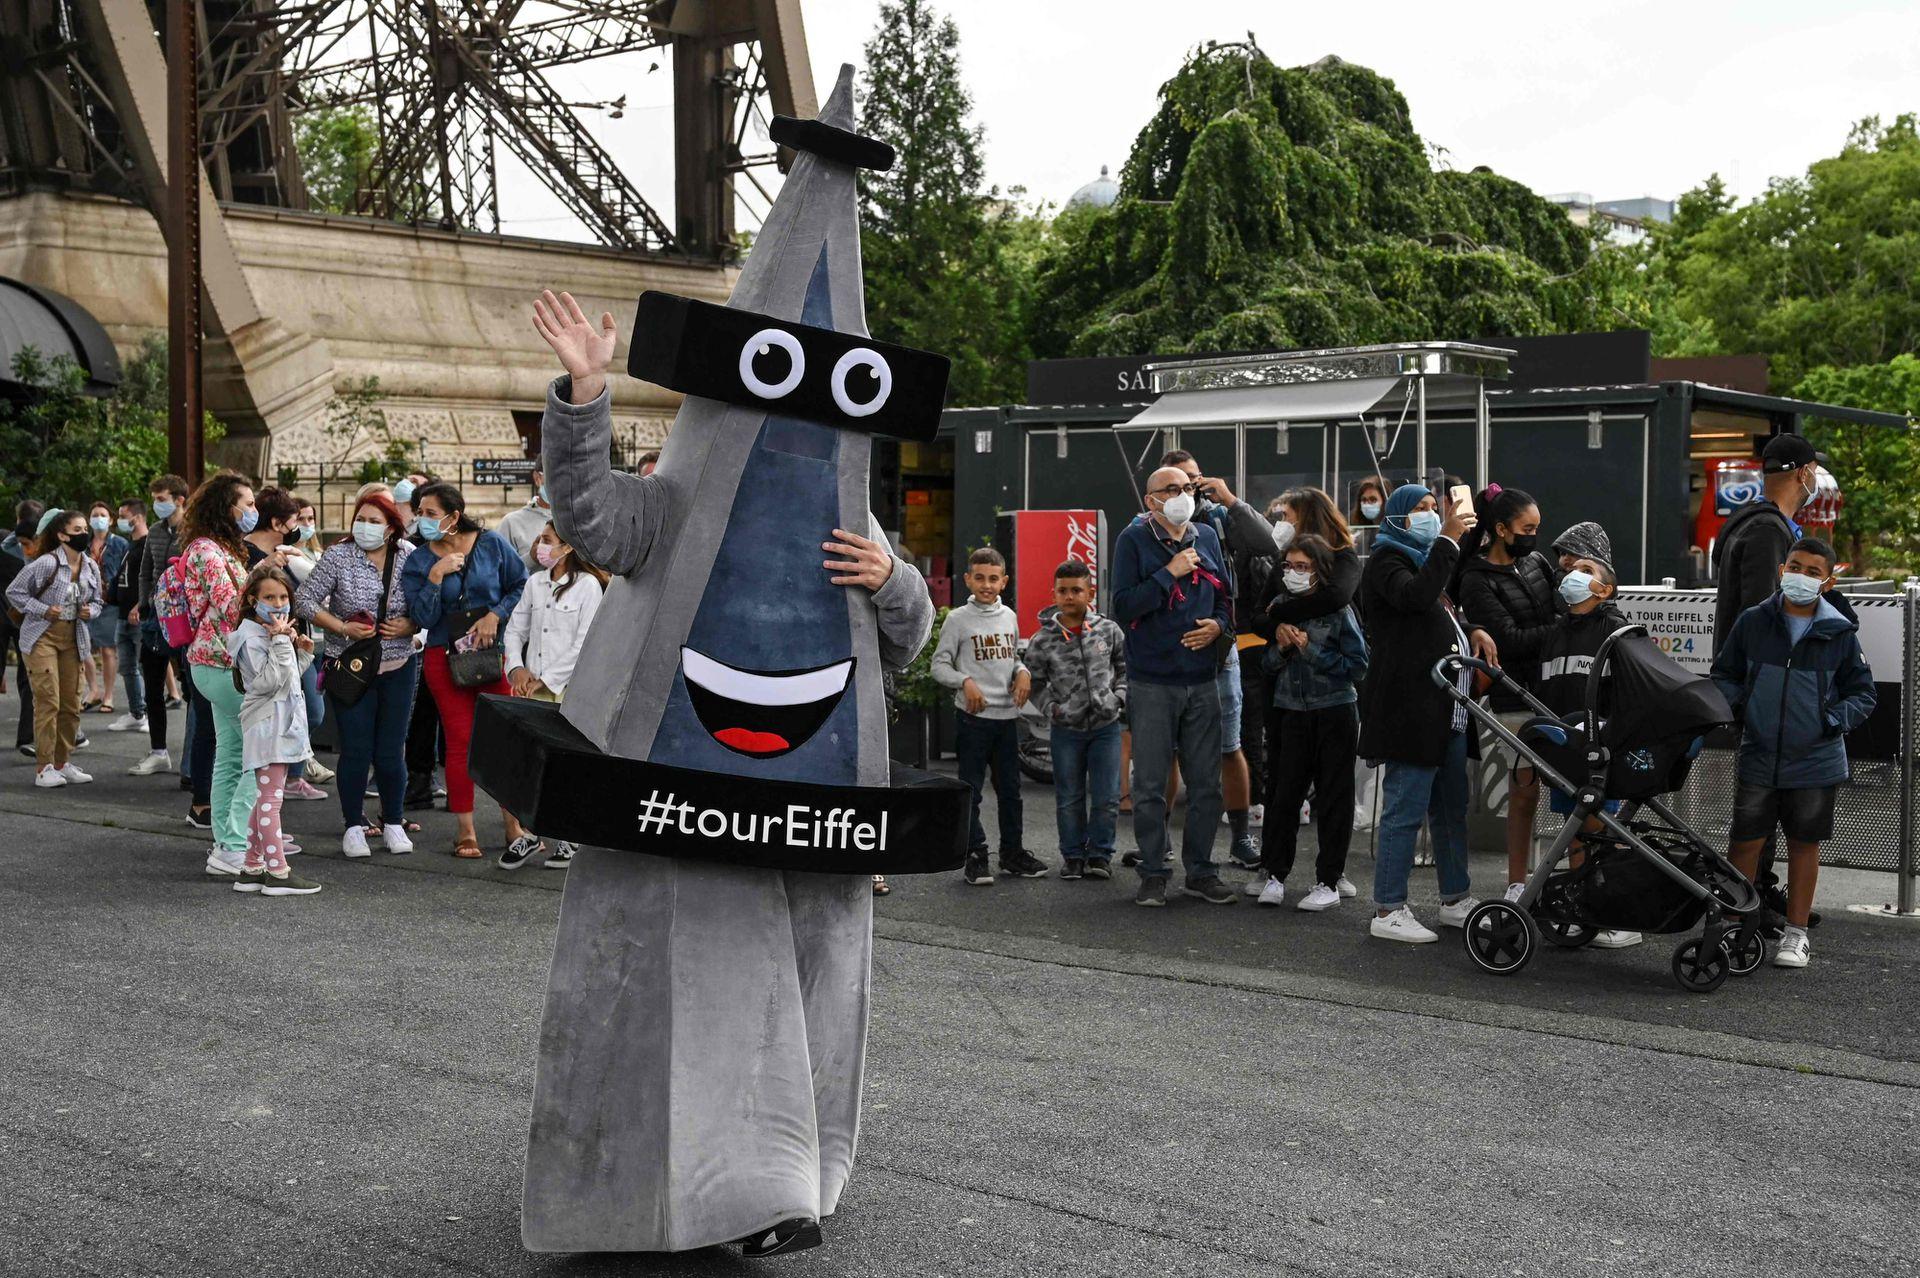 La mascota de la Torre Eiffel saluda mientras los visitantes esperan en la fila antes de visitar la Torre Eiffel en París